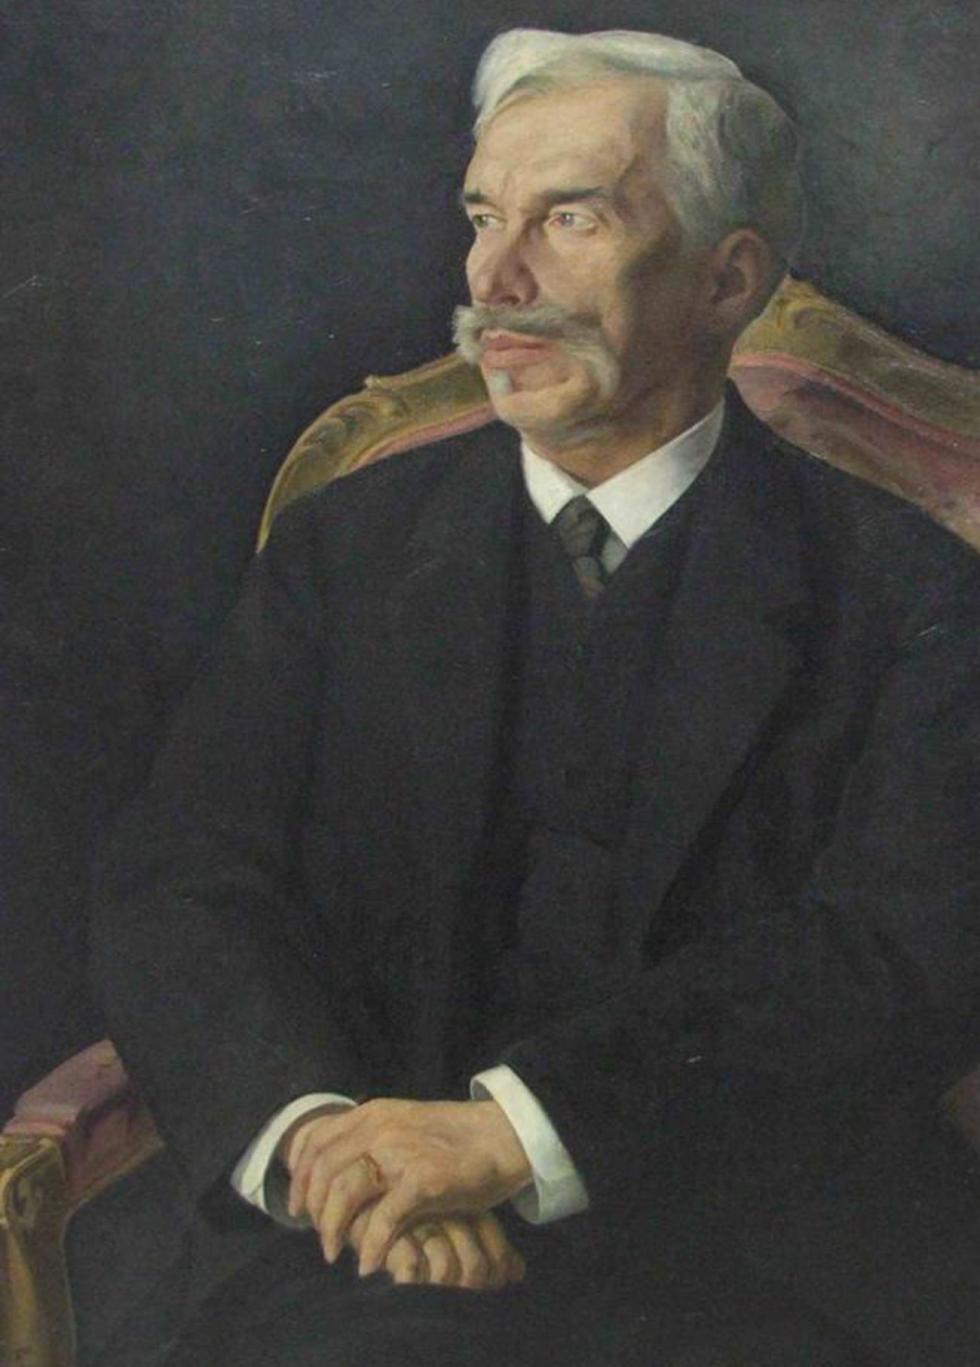 谢尔盖·休金肖像。画家:德米特里·梅利尼科夫(Dmitry Melnikov)。图片来源:State Pushkin Museum of Fine Arts